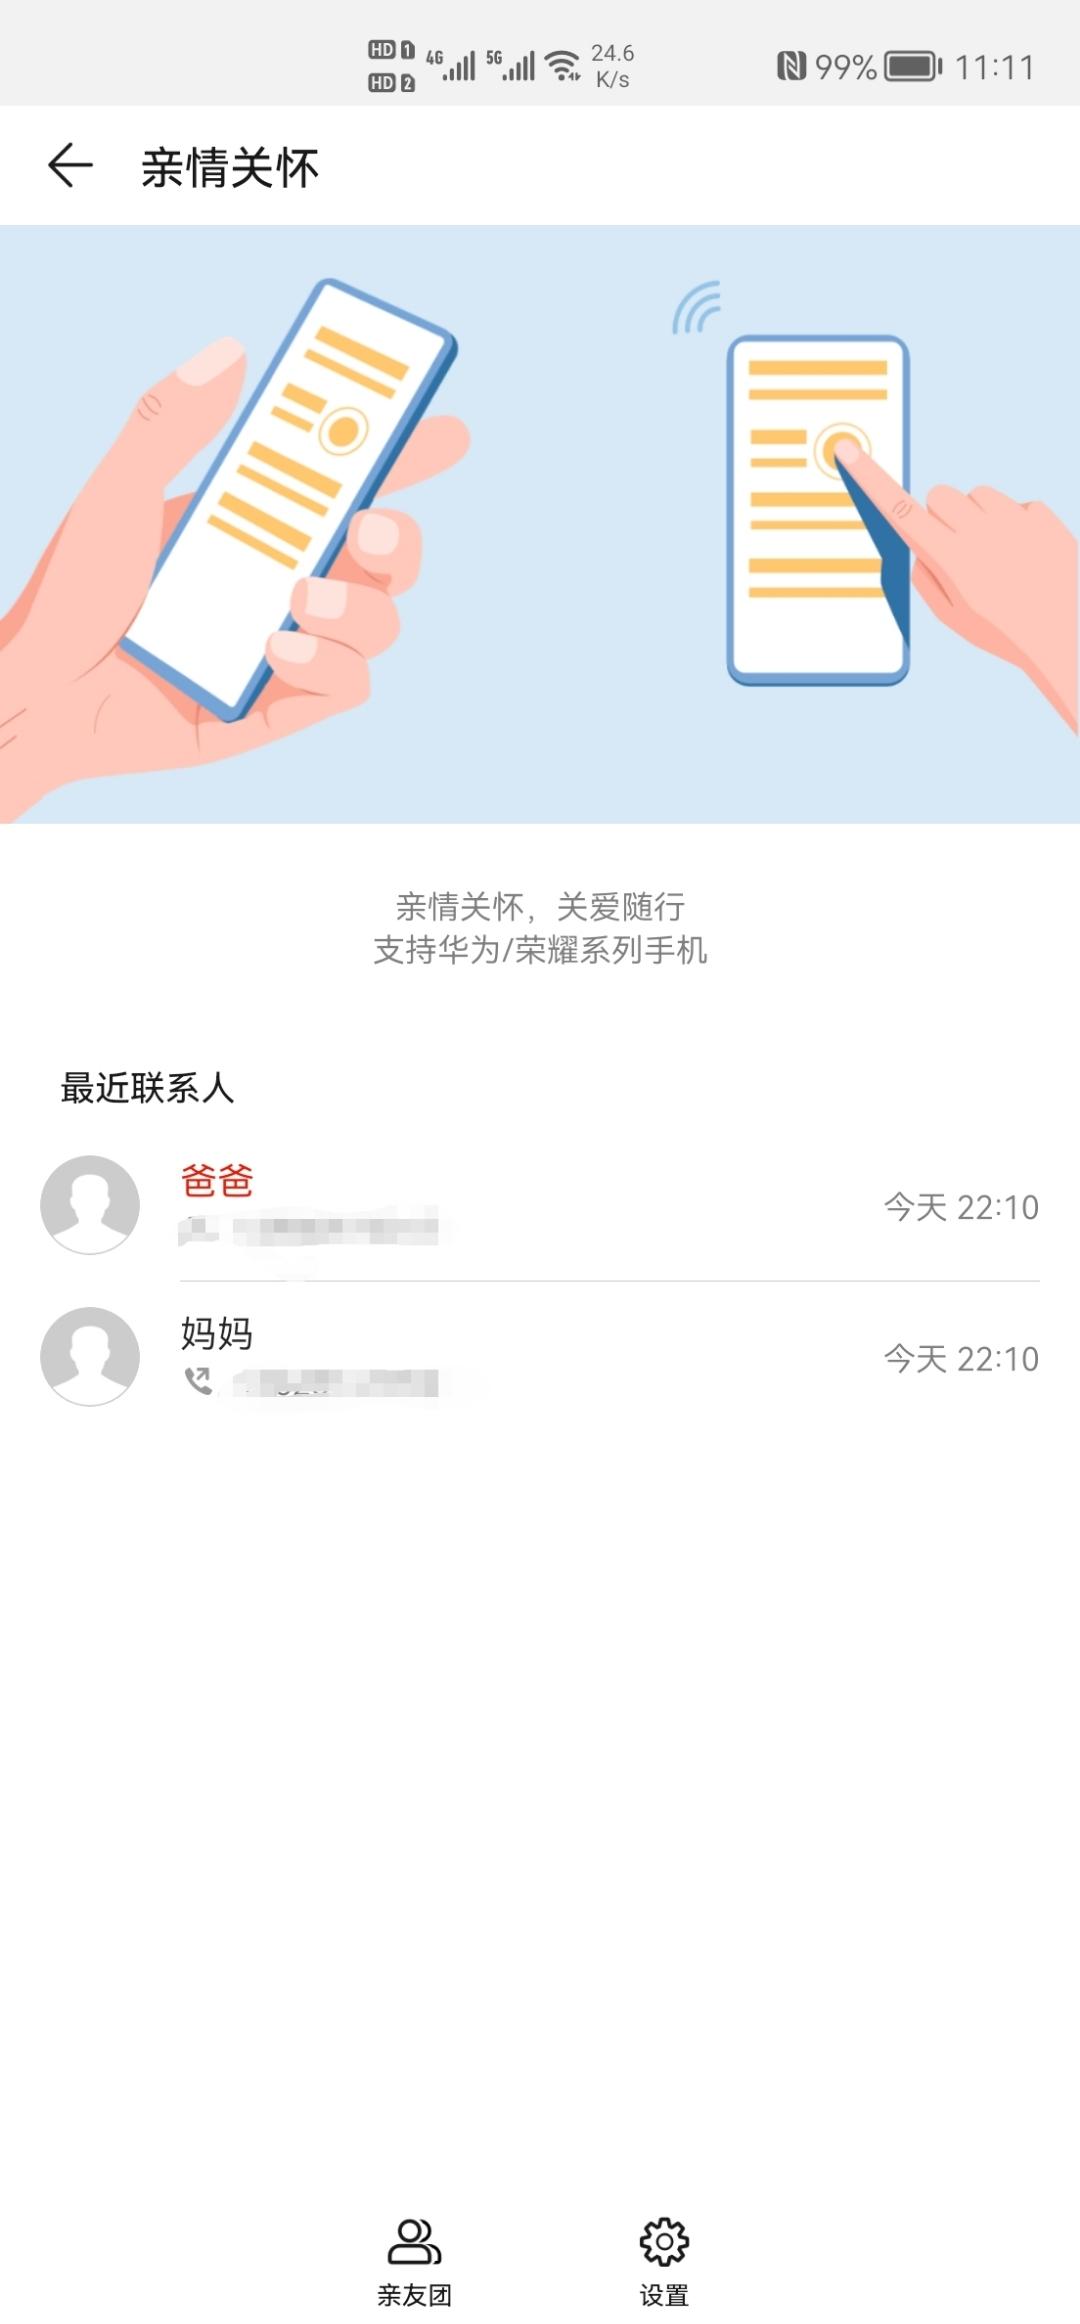 Screenshot_20211014_231144.jpg